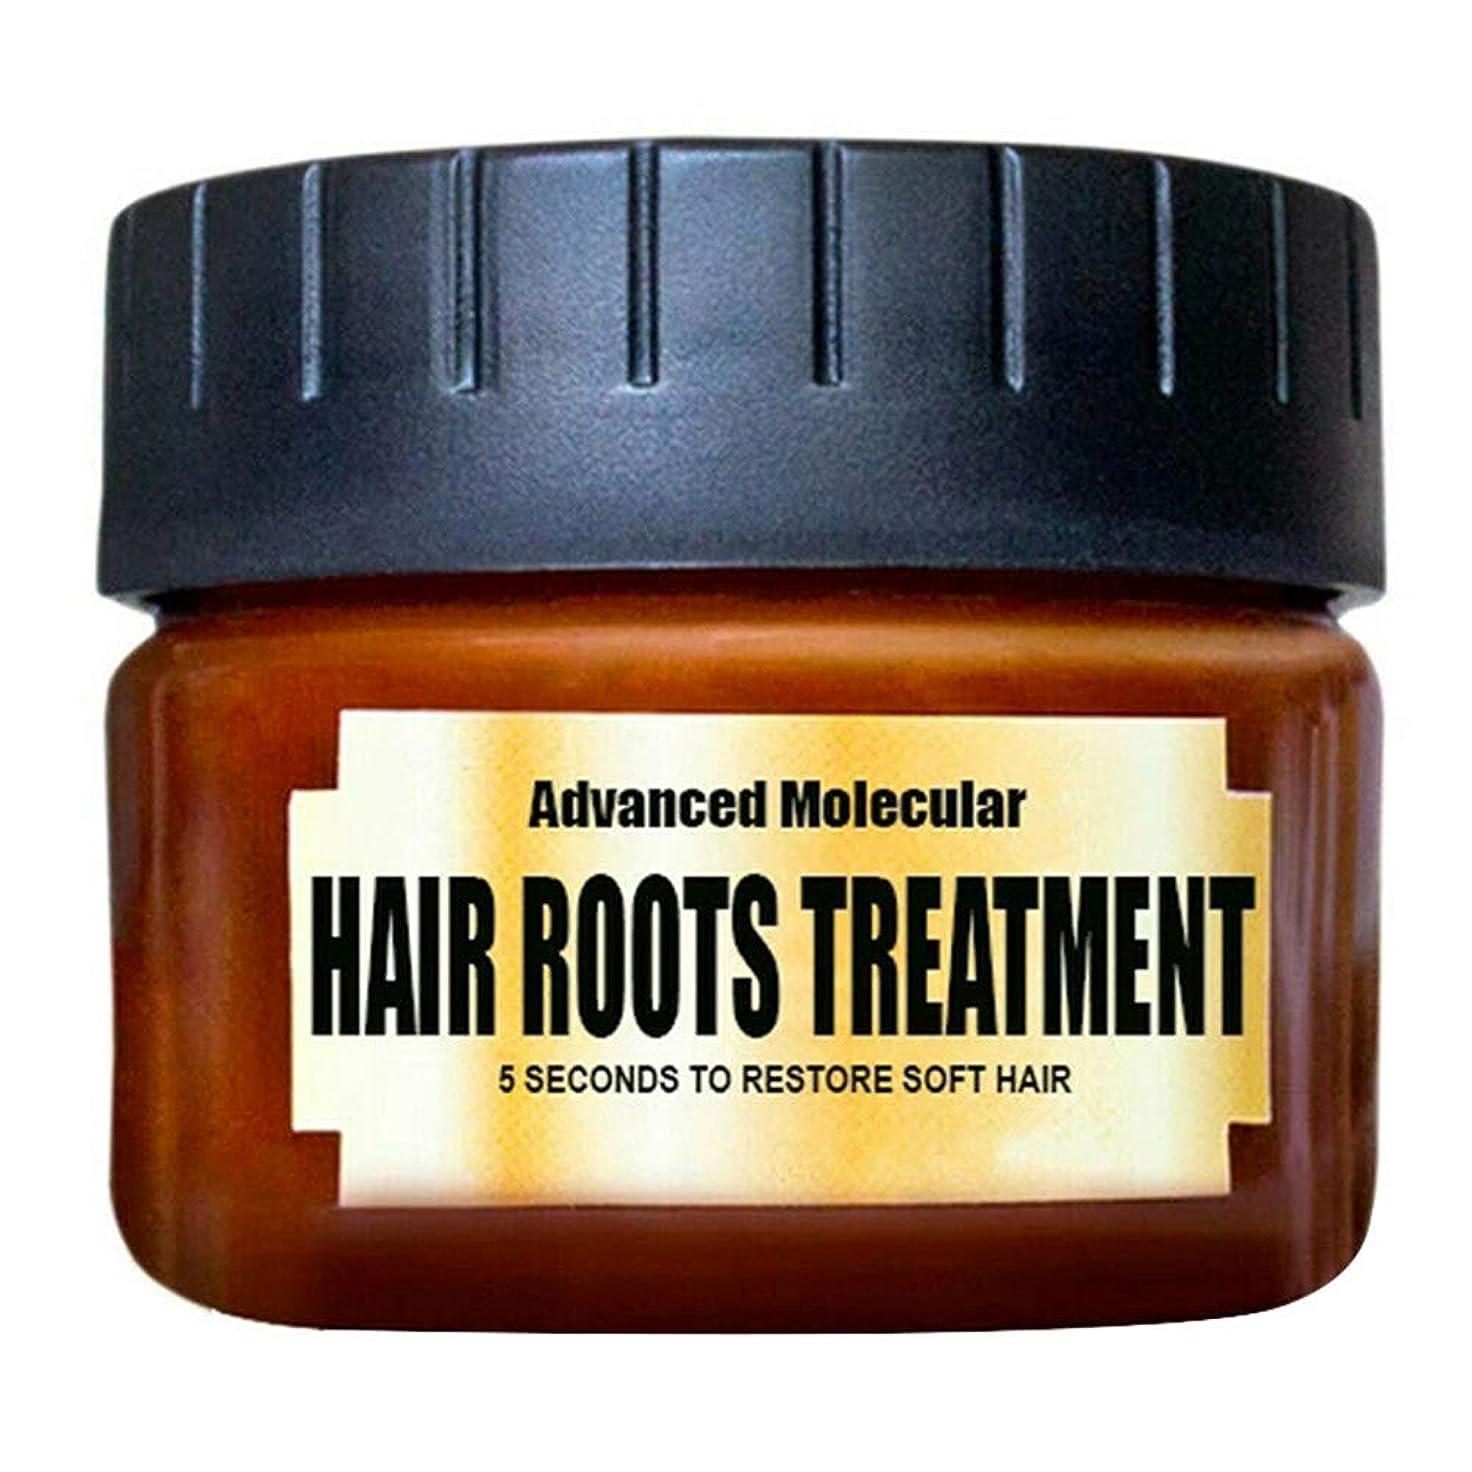 夕食を作る逆BTFirst ヘアルーツトリートメント健康的なソフトヘアケアエッセンスを修復柔らかい髪を取り戻す弾力性を取り戻し健康を取り戻し効果的で便利